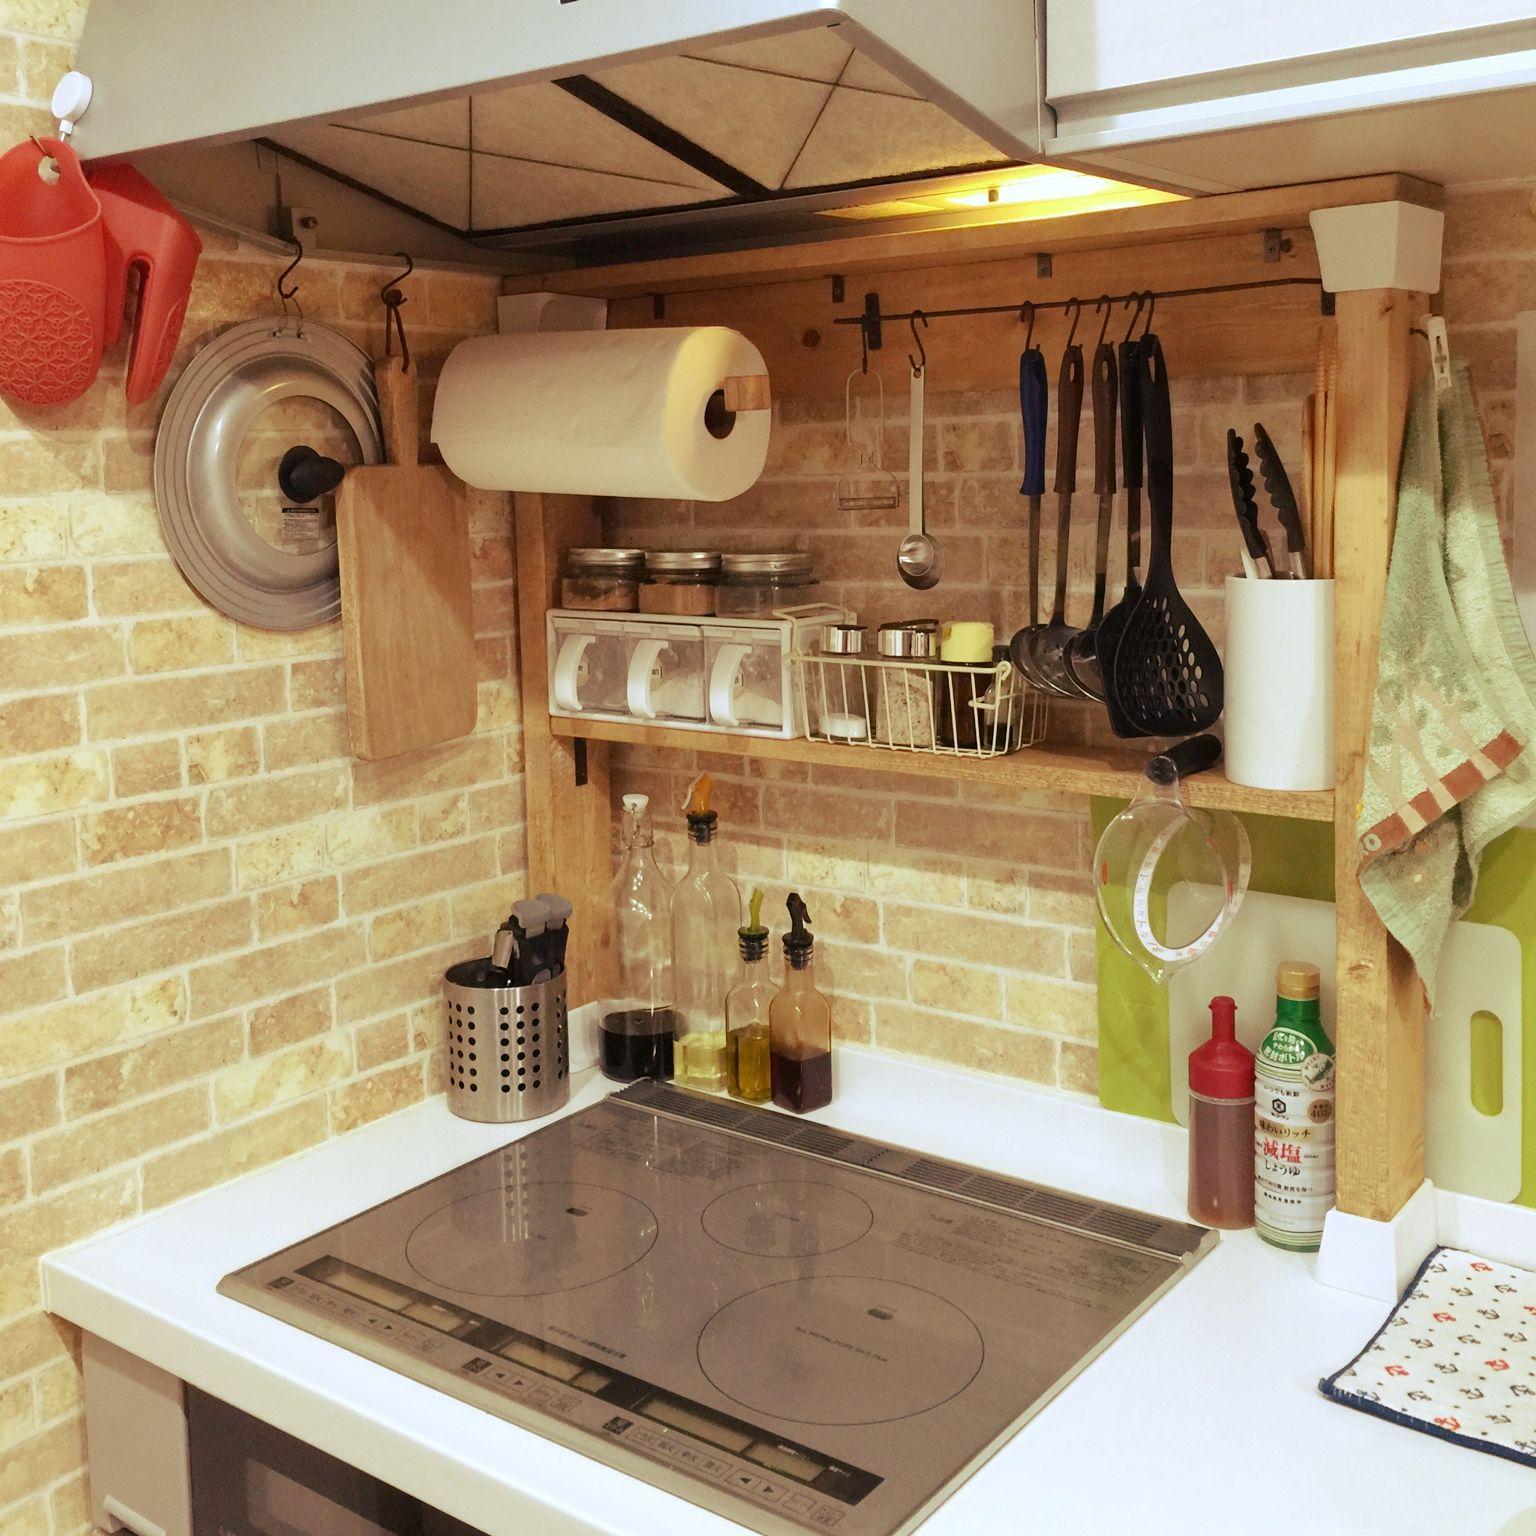 賃貸diy ディアウォールを使って棚や壁面収納を実現しよう おしゃれな実例も Radice 小さなキッチンのデザイン キッチンアイデア キッチン Diy